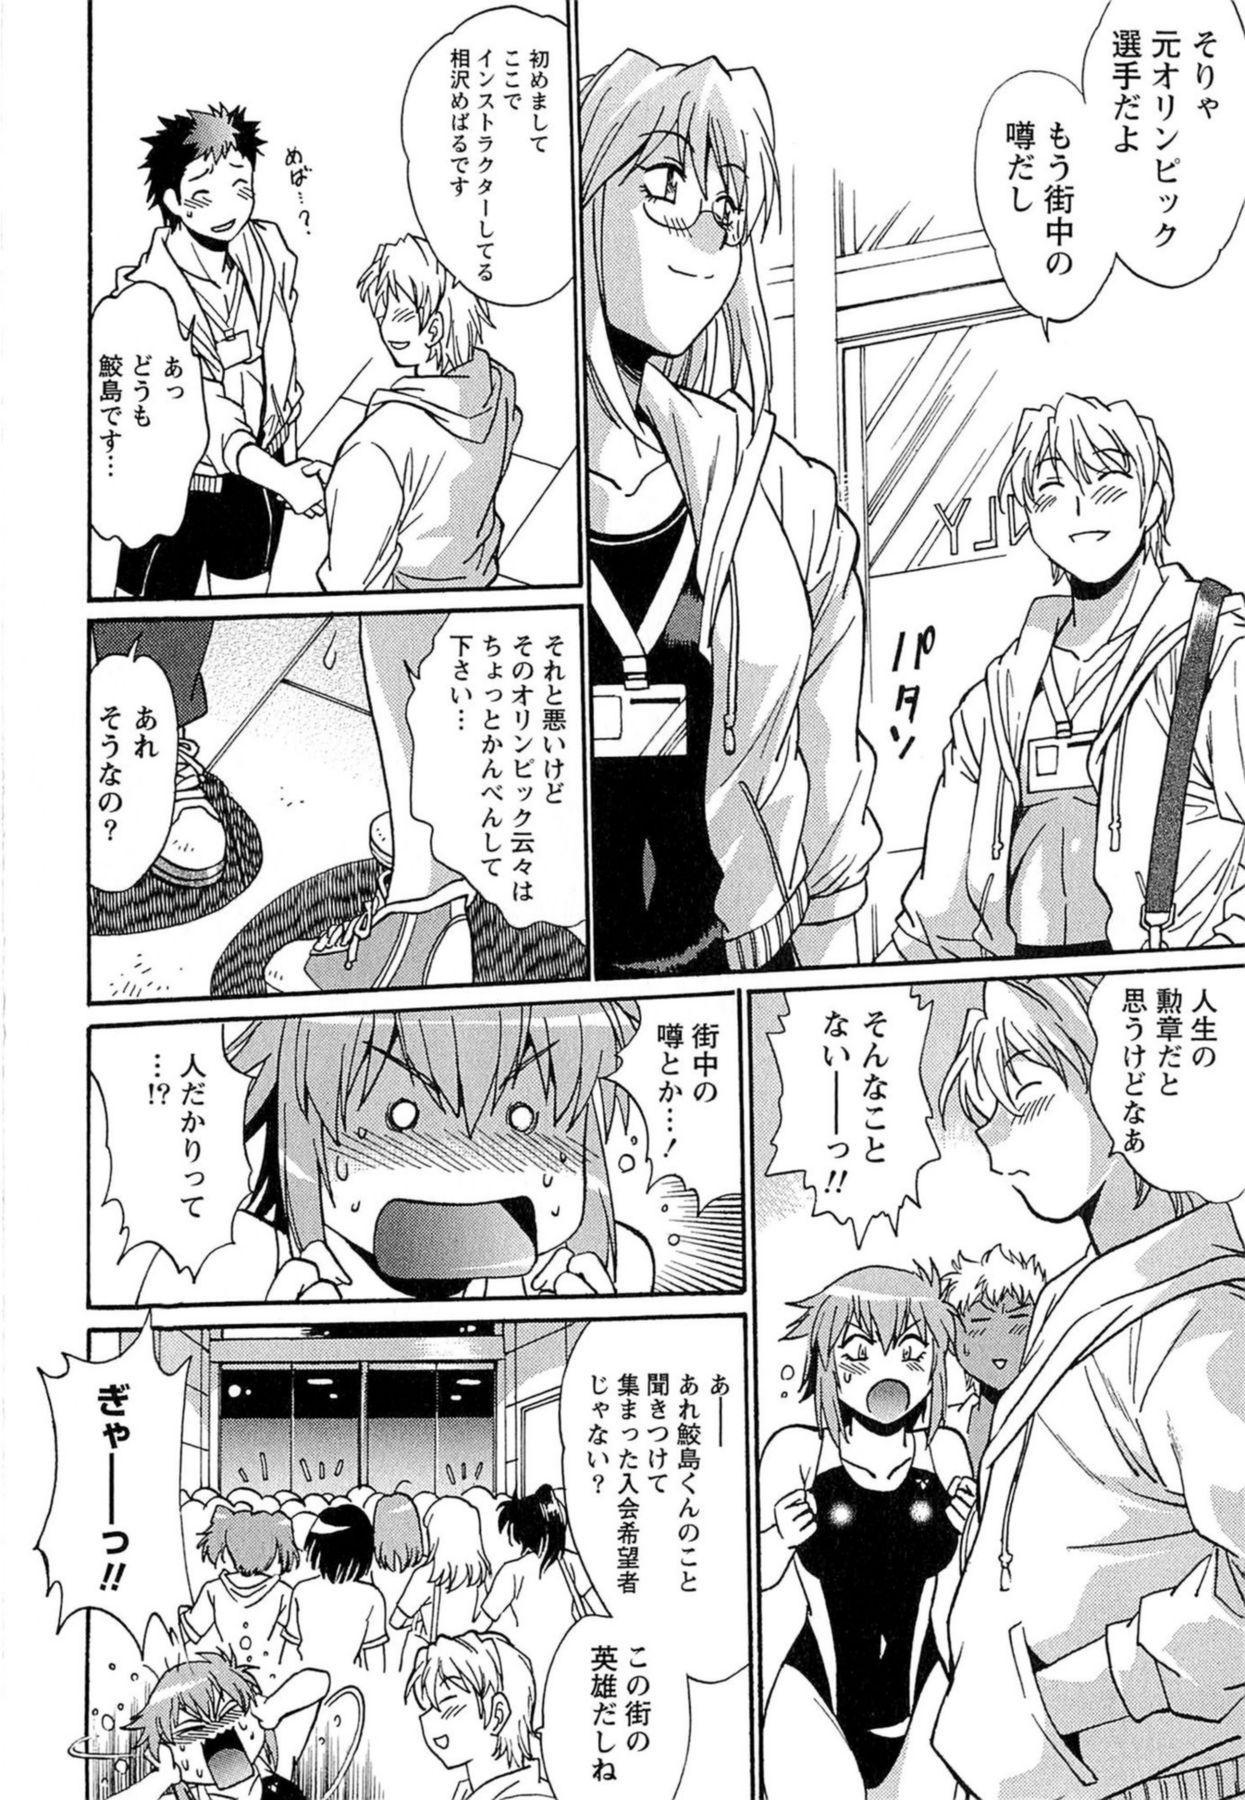 Kuikomi wo Naoshiteru Hima wa Nai! Vol. 1 50